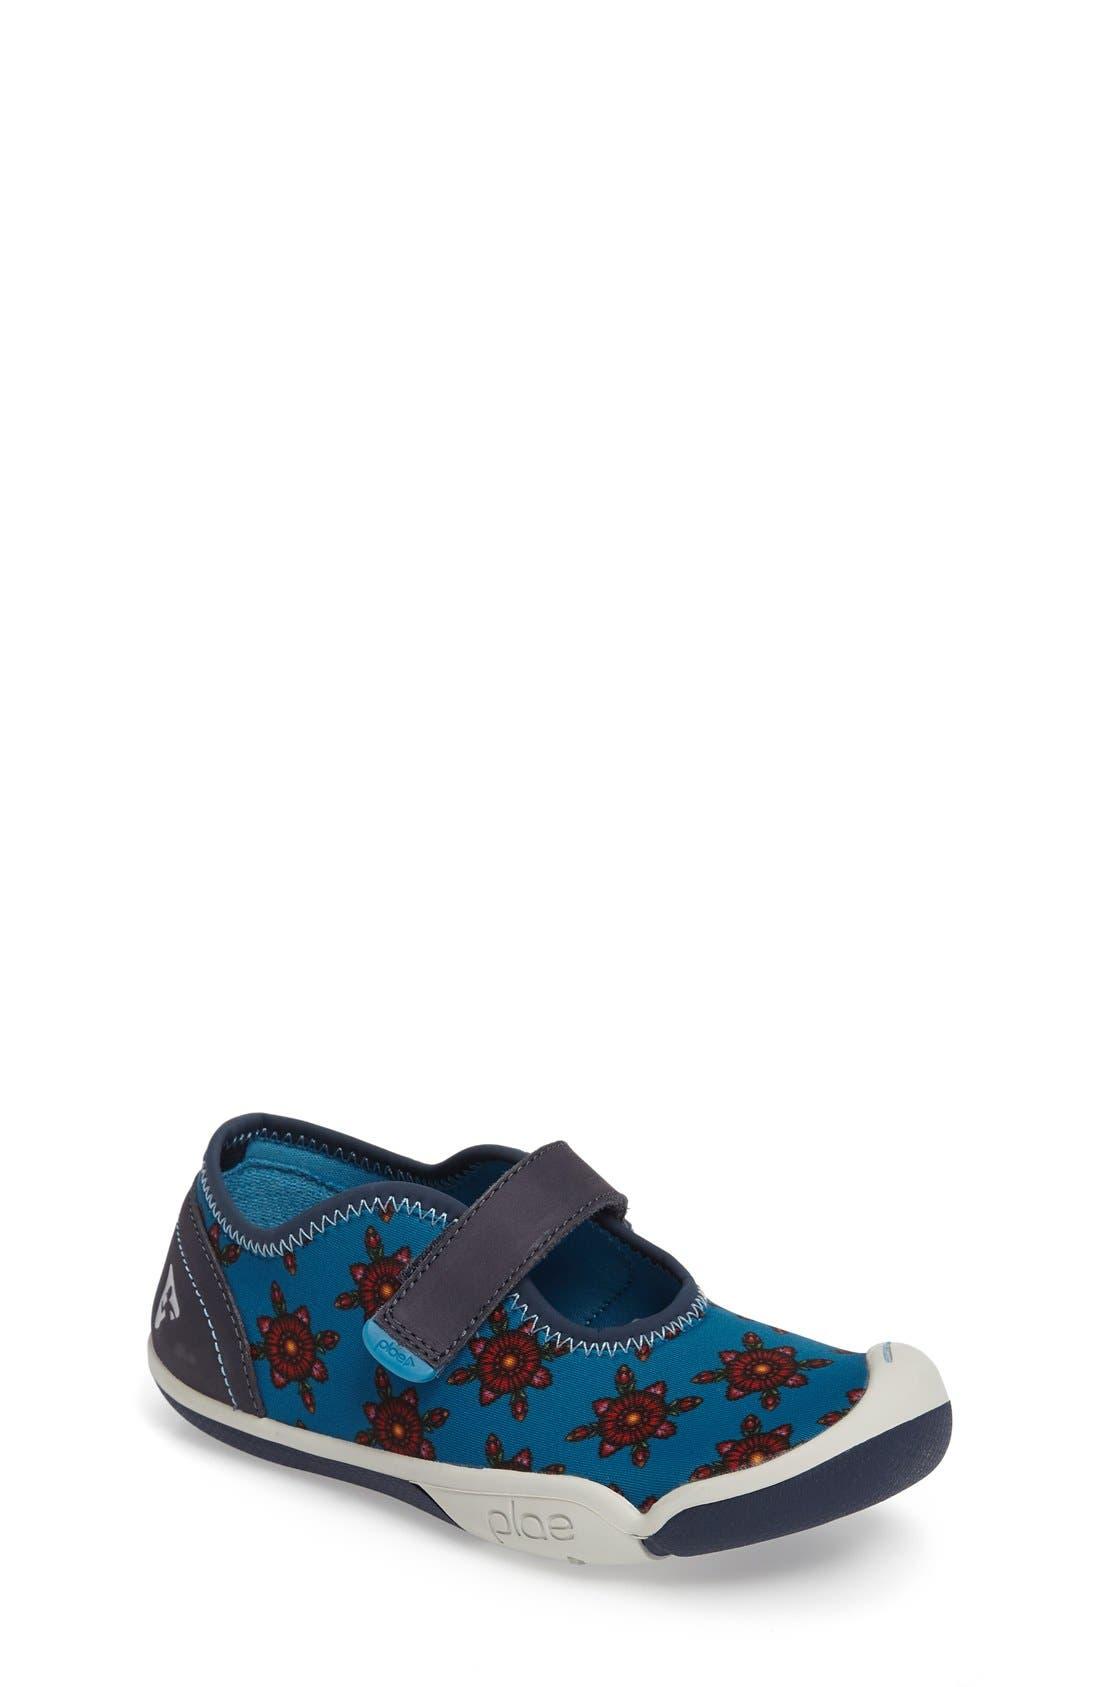 PLAE Chloe Water Repellent Mary Jane Sneaker (Toddler, Little Kid & Big Kid)